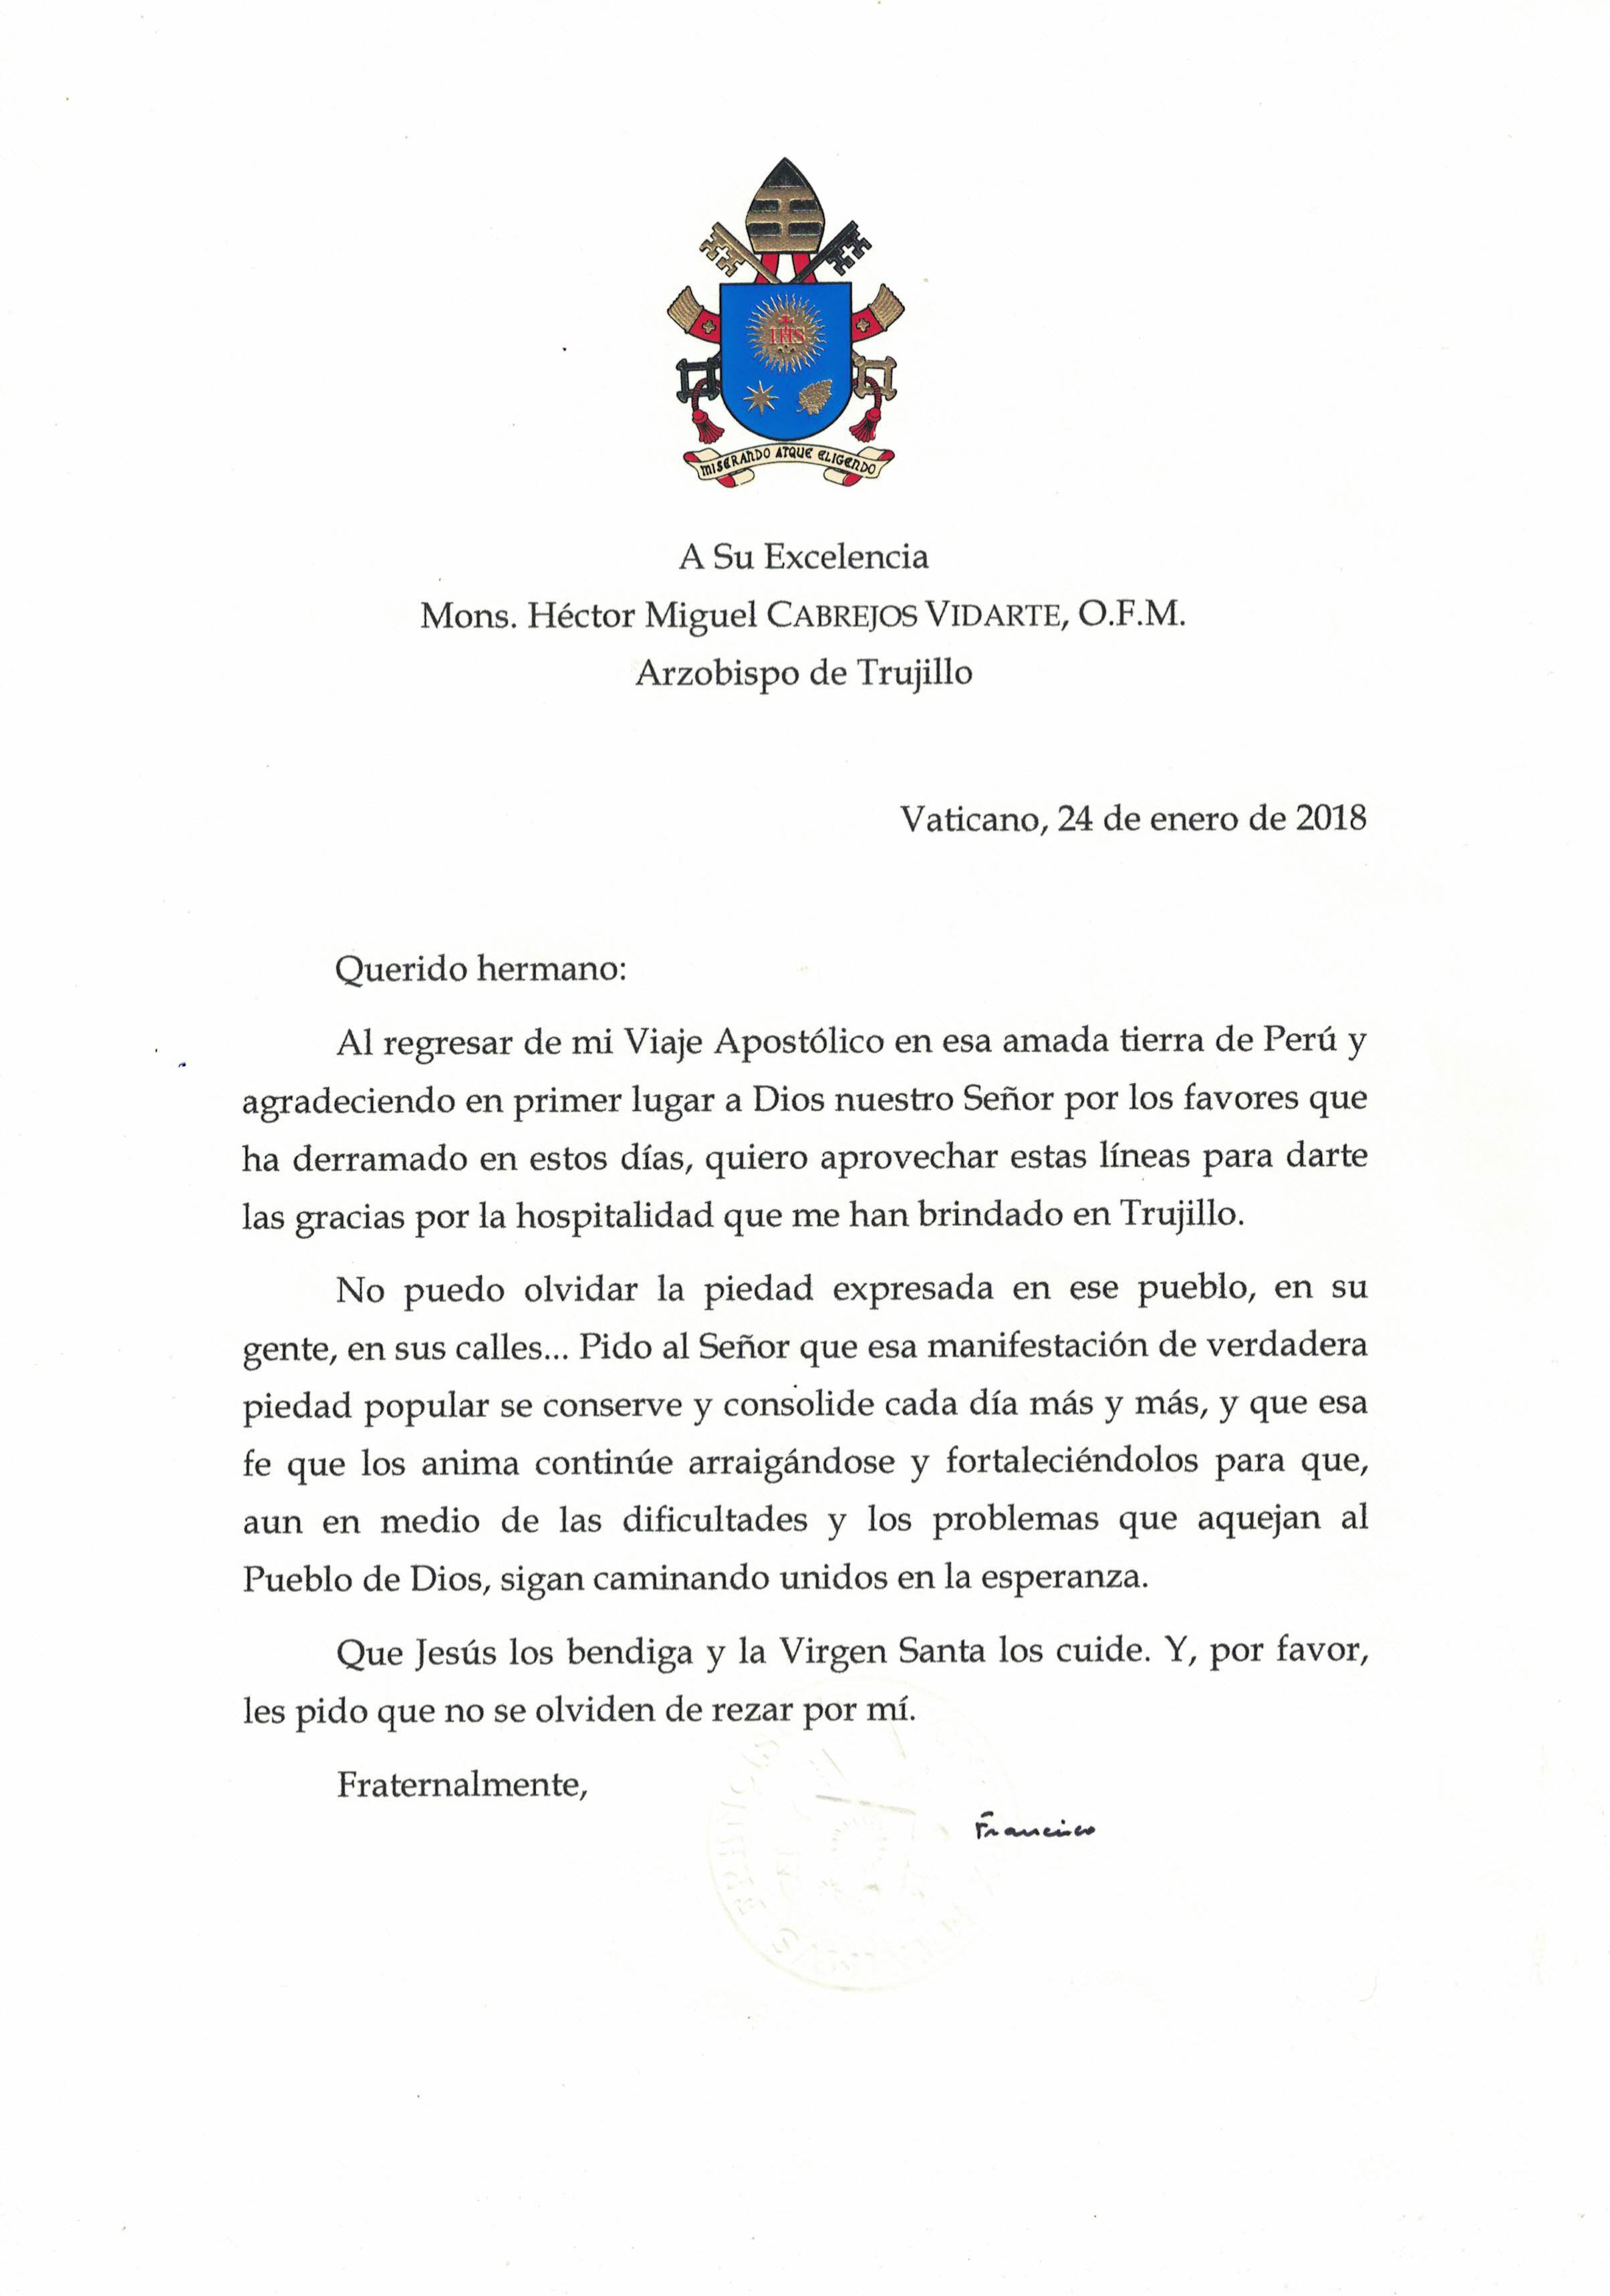 Papa Francisco envía carta de agradecimiento